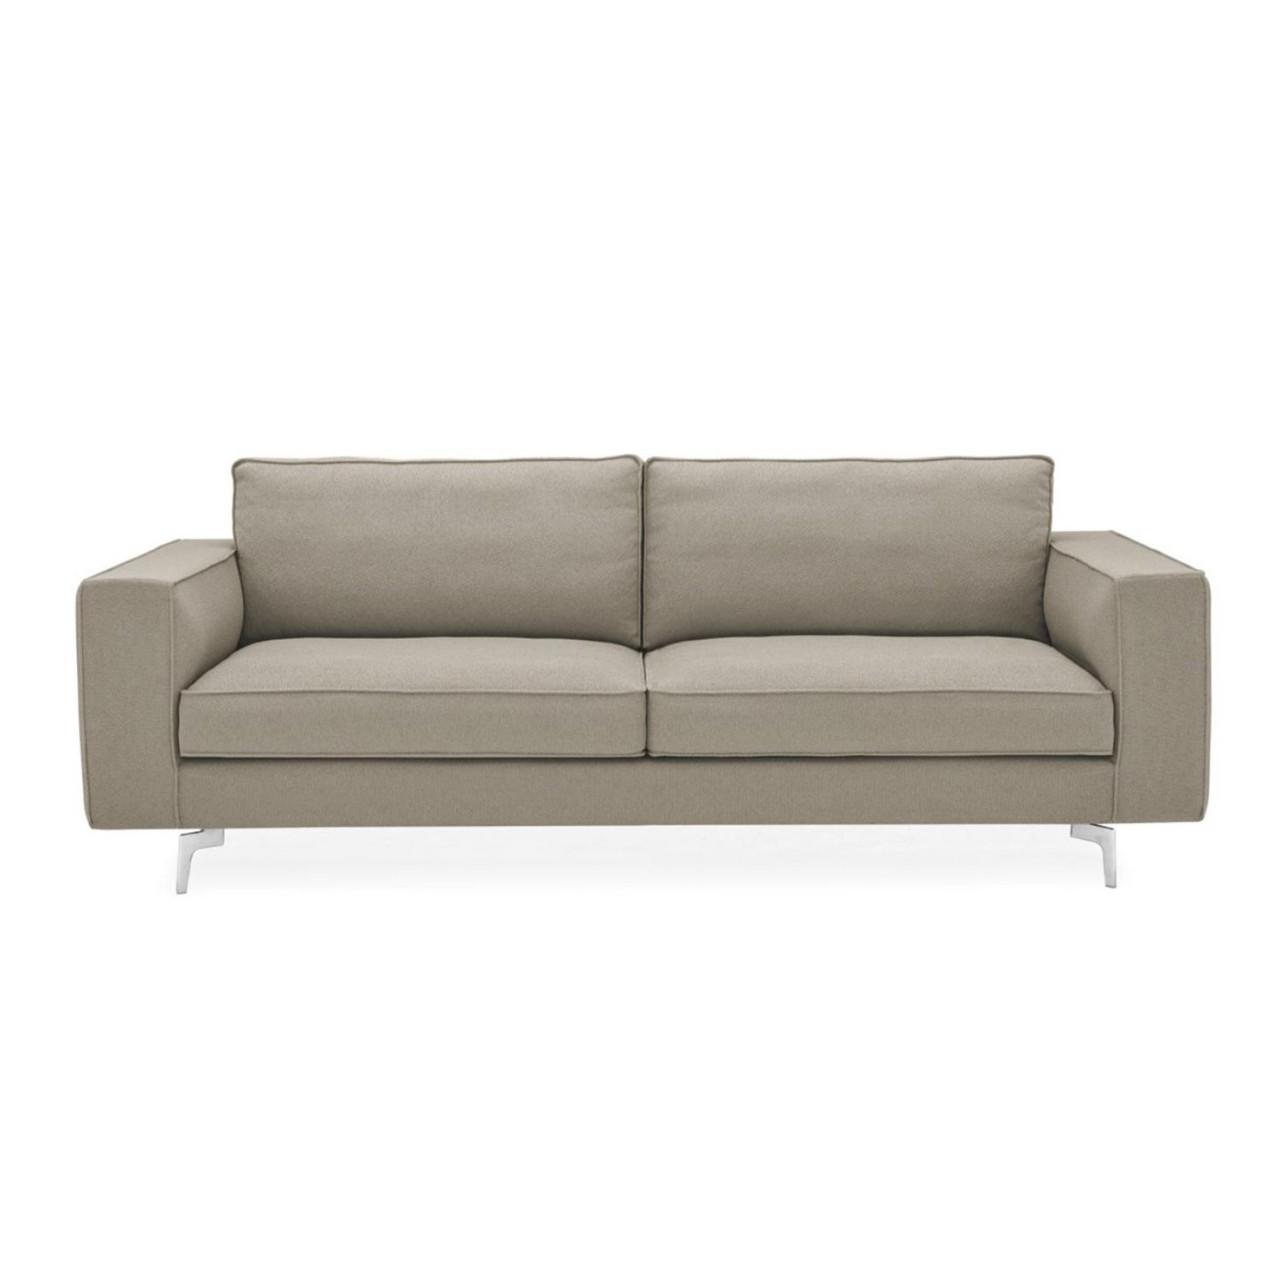 Square divano componibile divani e relax torino calligaris arredamenti traiano - Divano doppia seduta ...